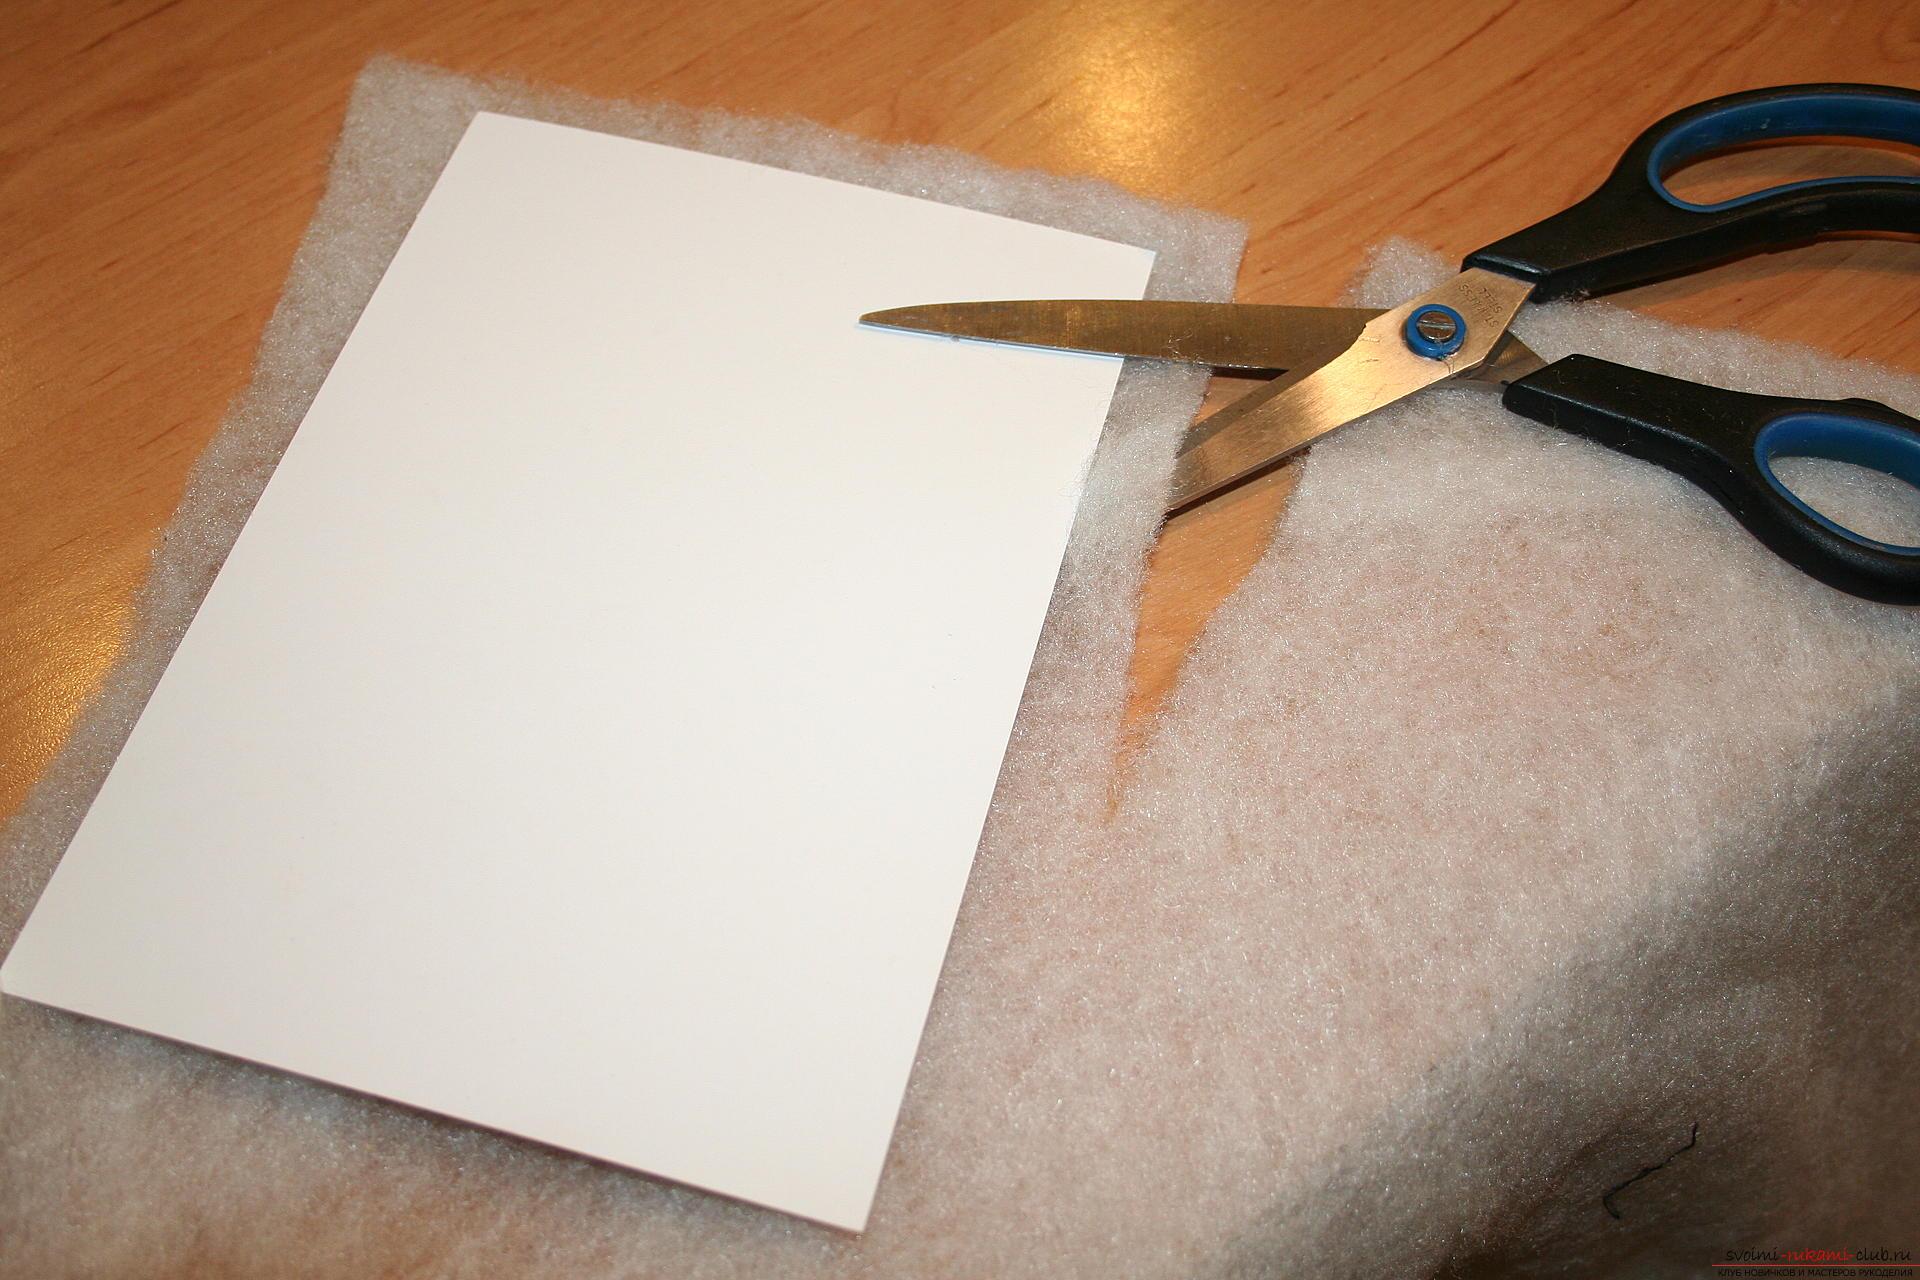 Этот мастер-класс научит как сделать своими руками блокнот в технике скрапбукинг.. Фото №5